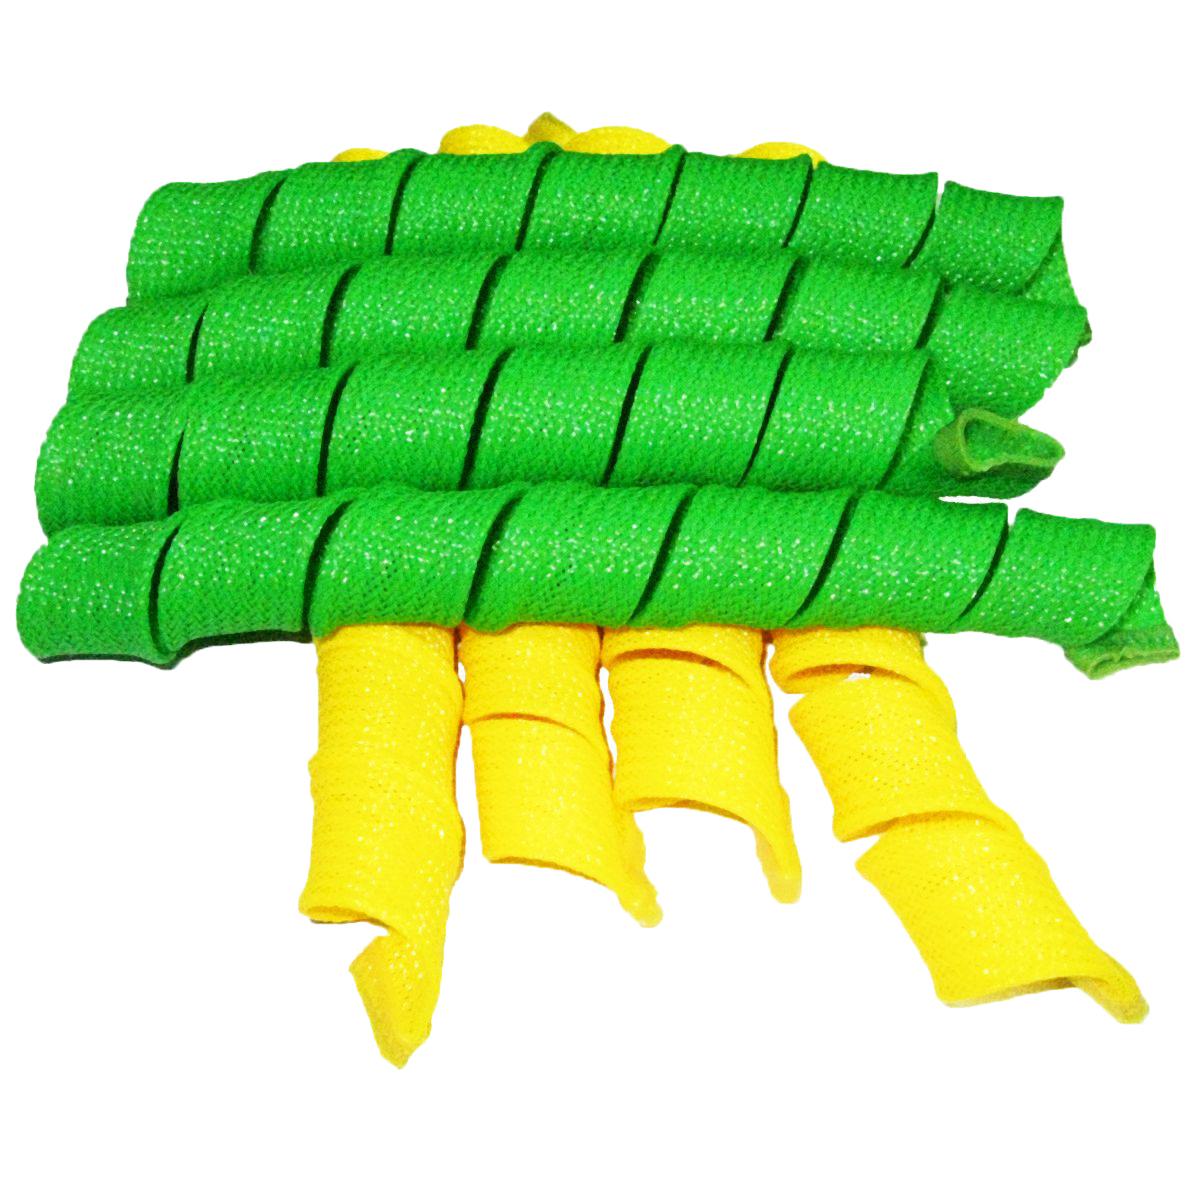 Дива Волшебные бигуди Широкие, 54 см, 18 штSatin Hair 7 BR730MNБигуди этой формы помогают придать объем, быстро и без усилий обзавестись крупными и средними кудрями. Эластичная сеточка из полимерных волокон позволяет получить плавные округлые завитки без заломов. Силиконовые наконечники не дают спиралькам сползать, и при этом легко снимаются с сухих волос.Чтобы получить идеальную прическу, достаточно закрепить бигуди на волосах влажностью 60-70% и просушить их феном или оставить до утра. На мягких Magic Leverag можно проспать всю ночь, не ощущая неудобства. Все 18 широких и длинных бигуди Дива закручиваются в одну сторону, а значит вы легко проконтролируете направление локонов и равномерность укладки. Характеристики:Длина: 54 смШирина локона: 2,2 смДиаметр завитка: 2,5 смКоличество: 18 шт.Крючок: двойнойУпаковка: коробка